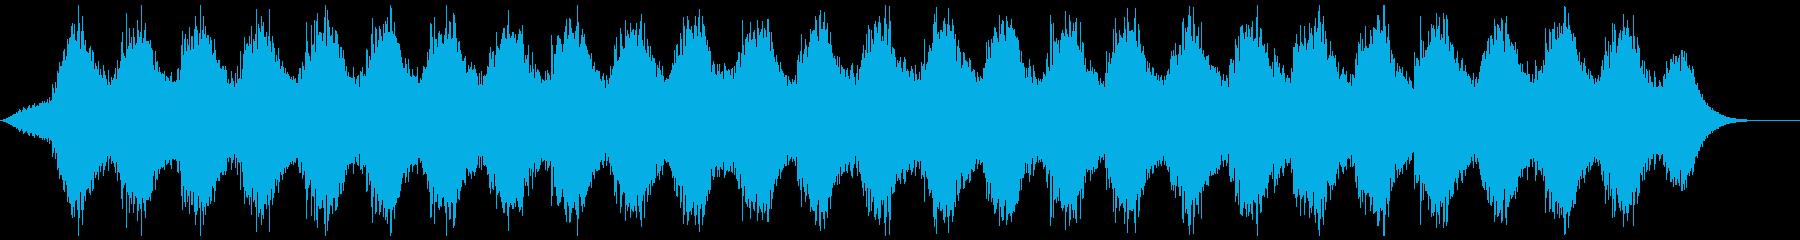 瞑想やリラックスに最適なヒーリング音楽の再生済みの波形